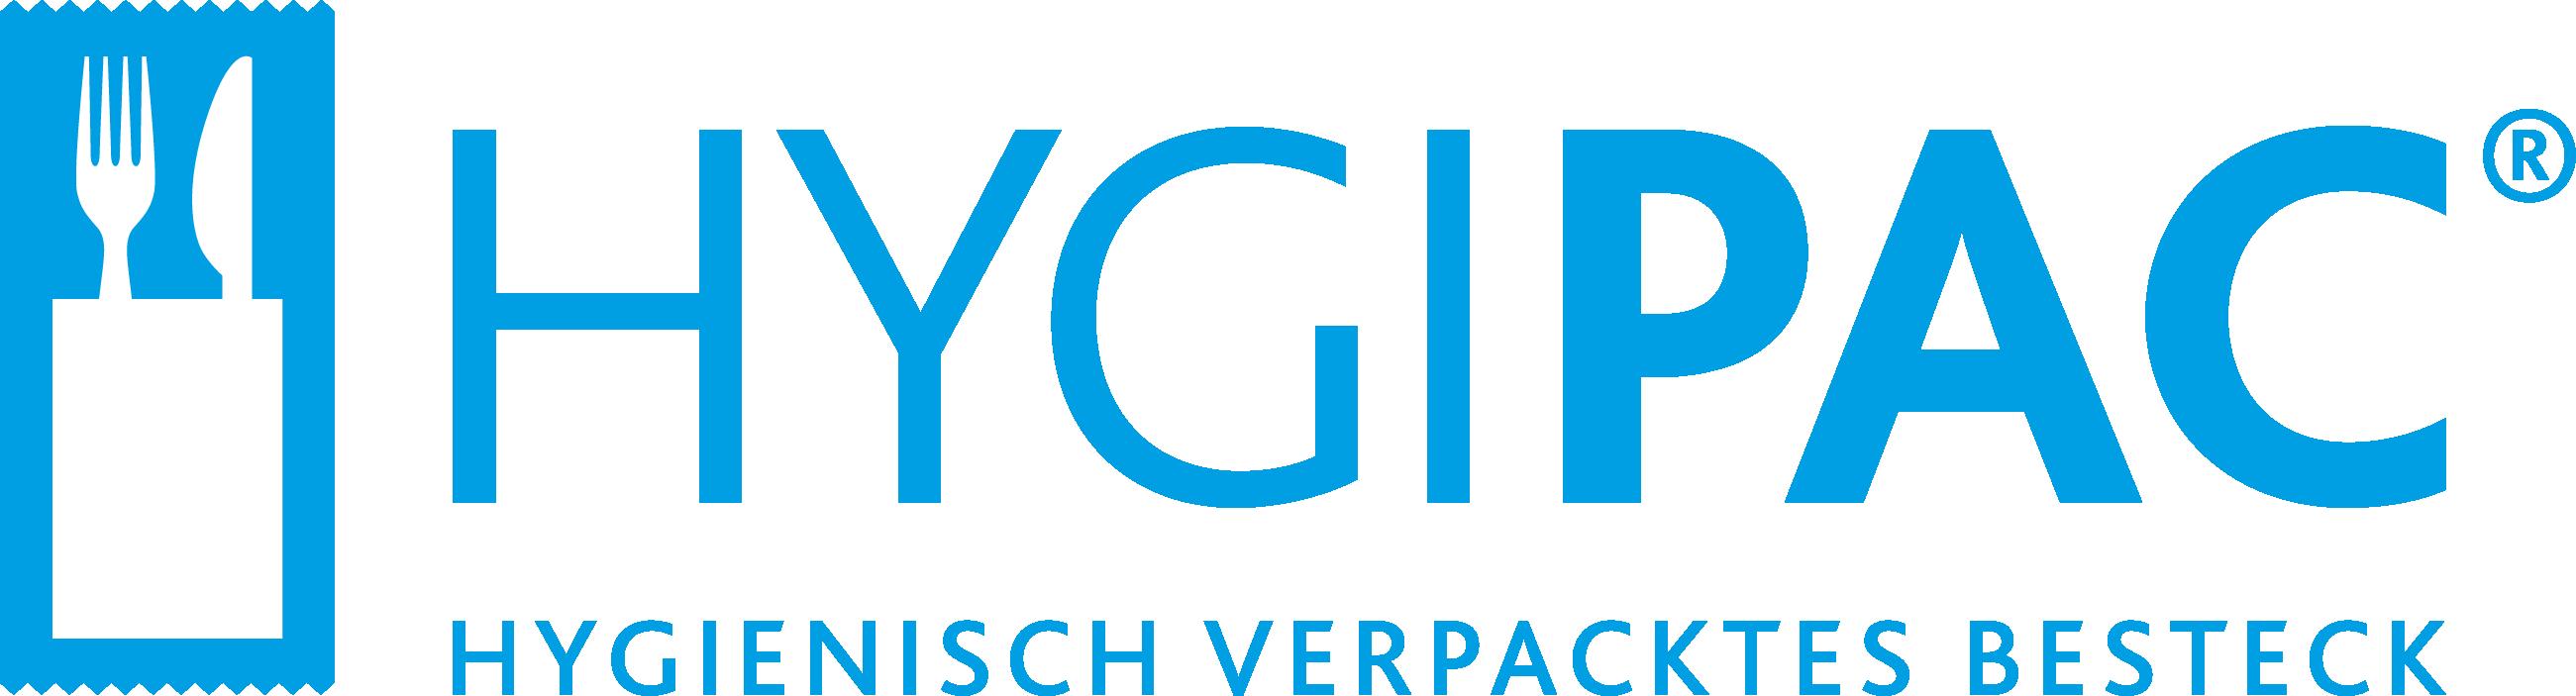 HYGIPAC Hygienisch verpacktes Besteck